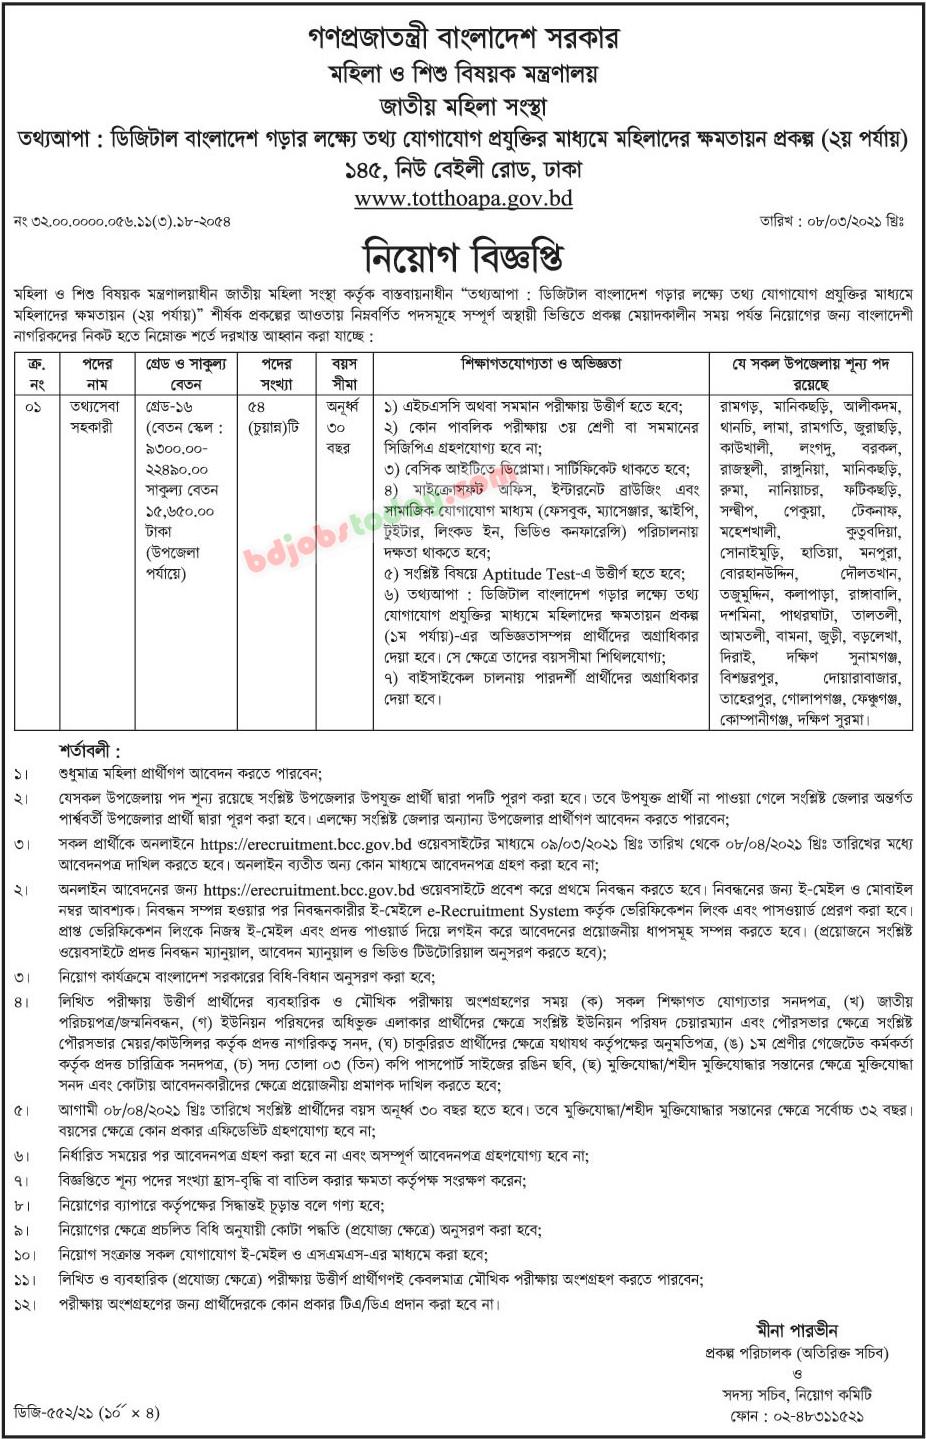 Totthoapa Job Circular Apply 2021